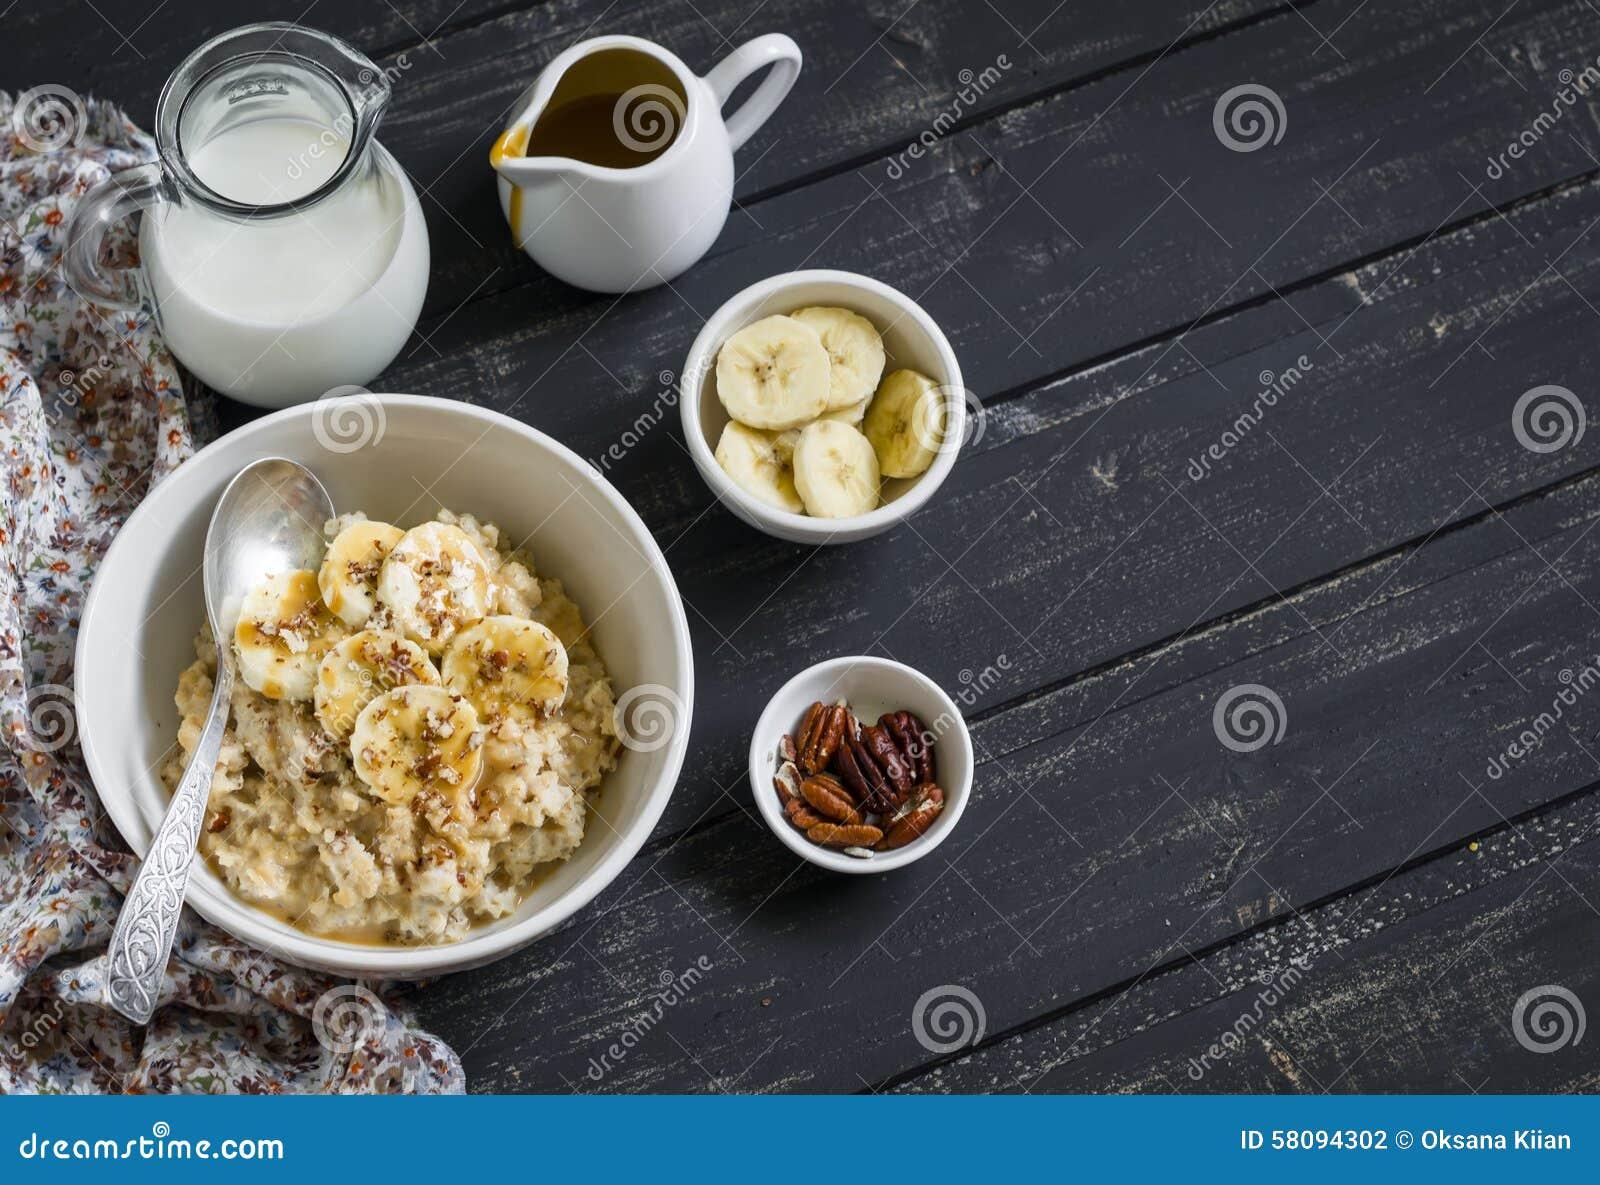 燕麦粥用香蕉、焦糖调味汁和山核桃果在一个白色碗黑暗的木表面上